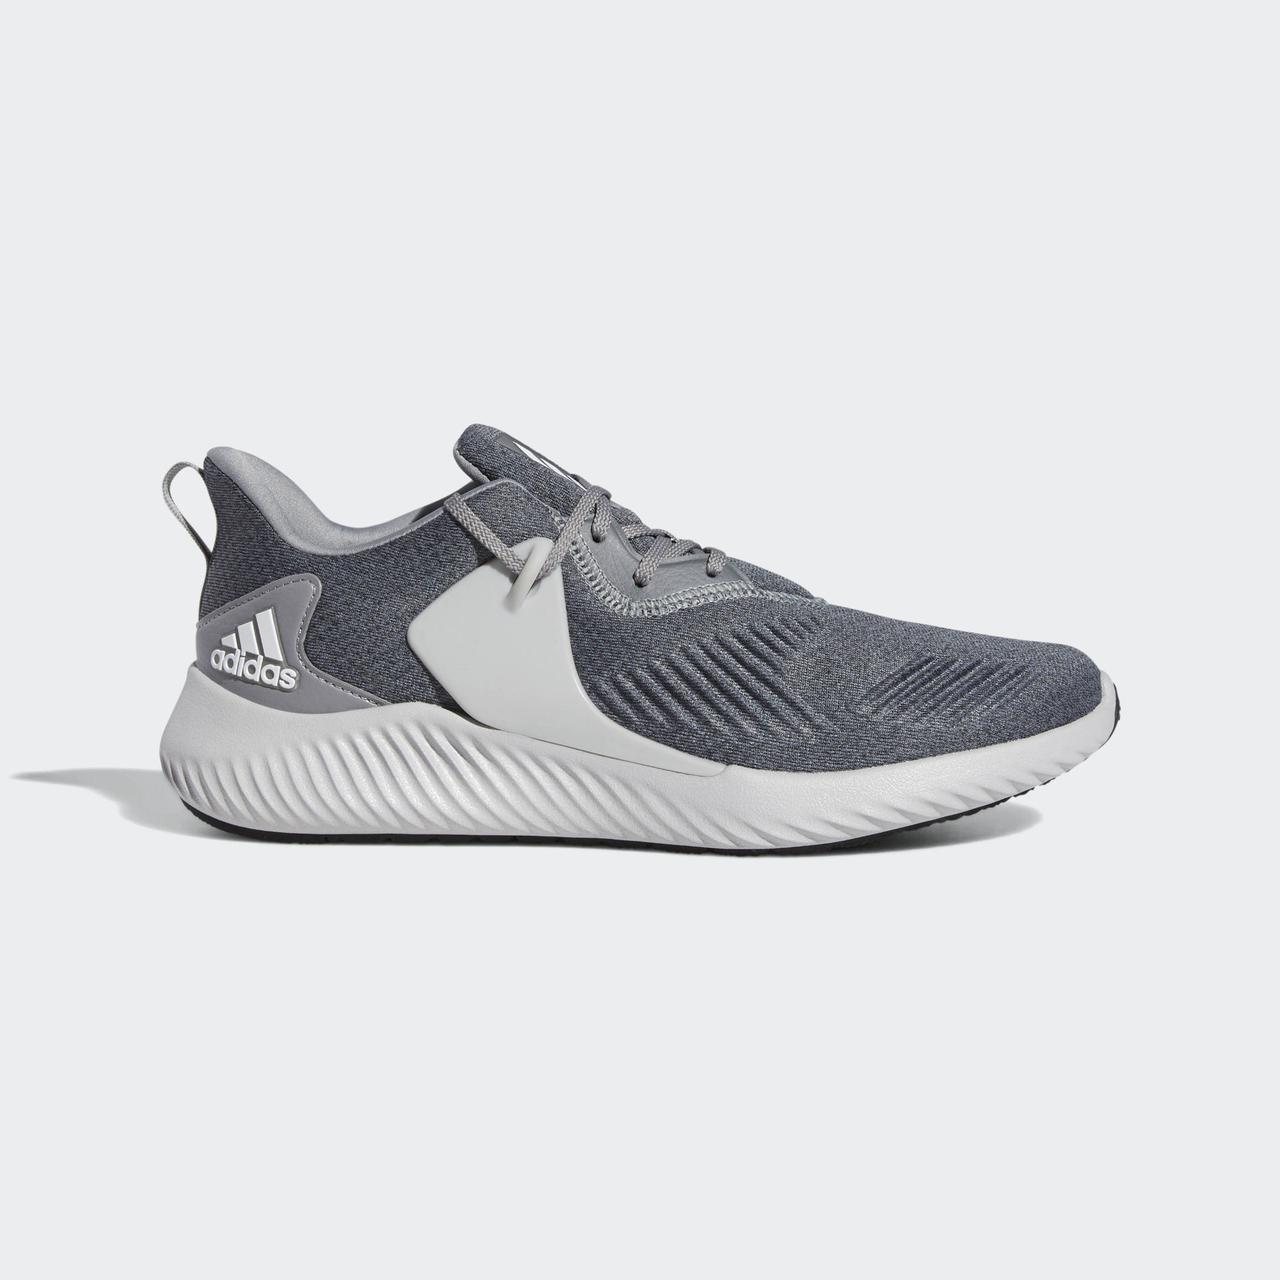 e764a812 Беговые кроссовки Adidas Alphabounce RC 2.0 D96525 - 2019: продажа ...